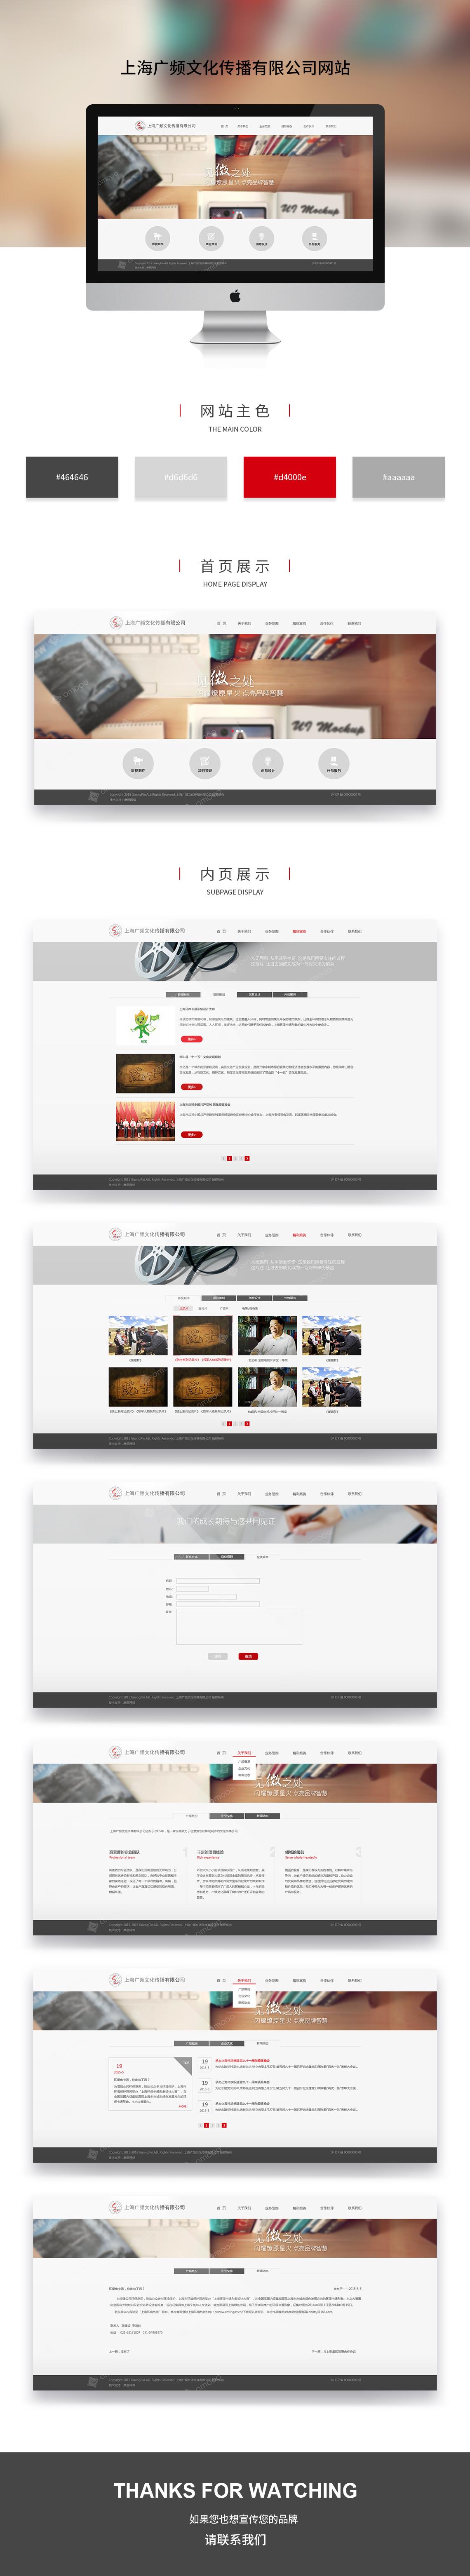 公司网站建设案例之广频文化传播公司